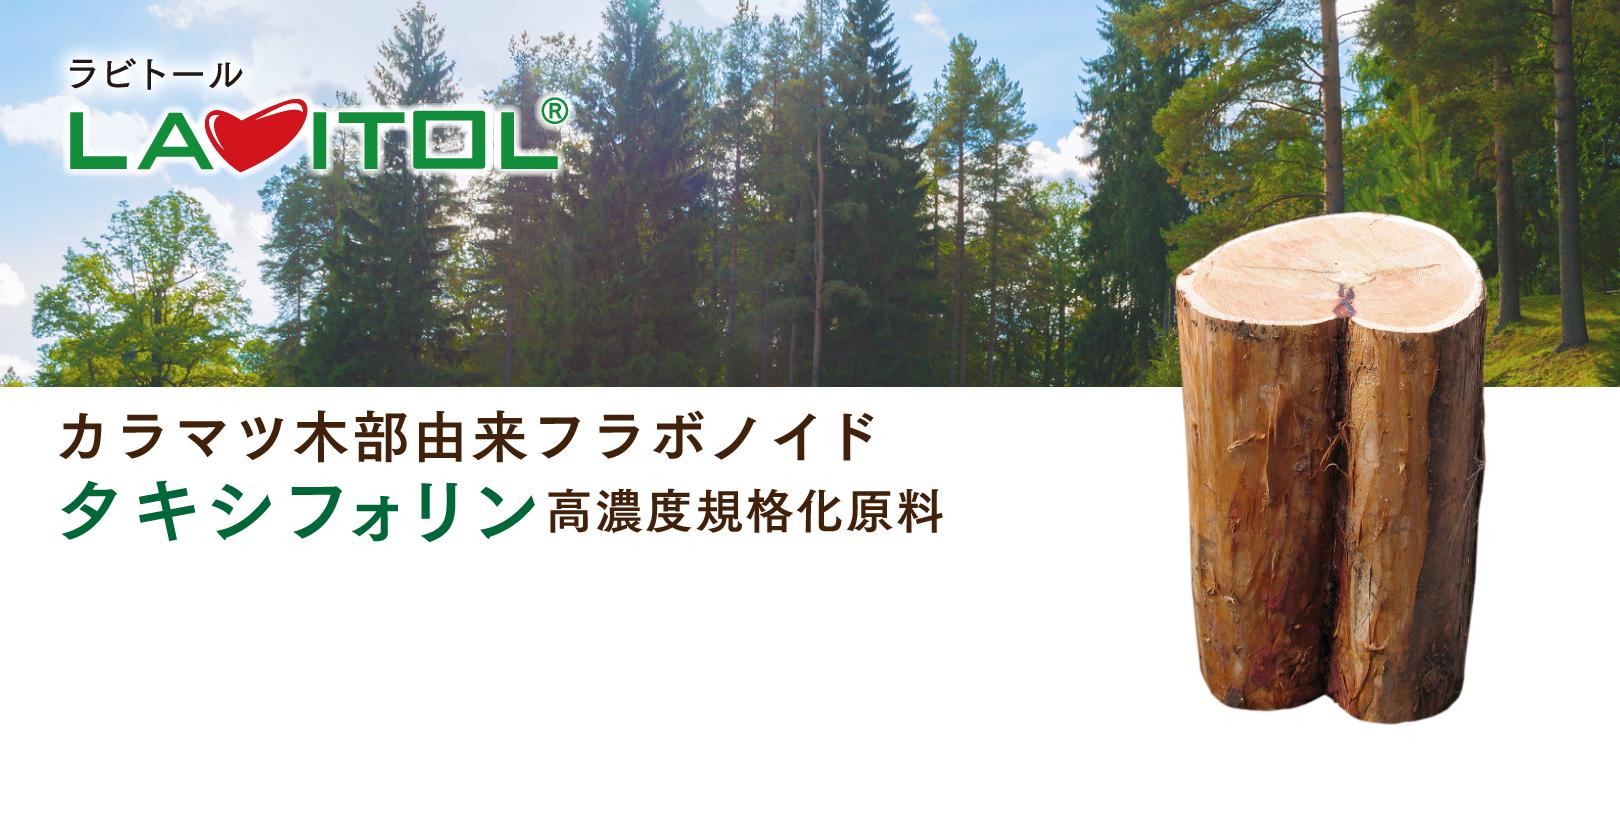 ラビトール(LAVITOL®) カラマツ木部由来フラボノイドタキシフォリン高濃度規格化原料。